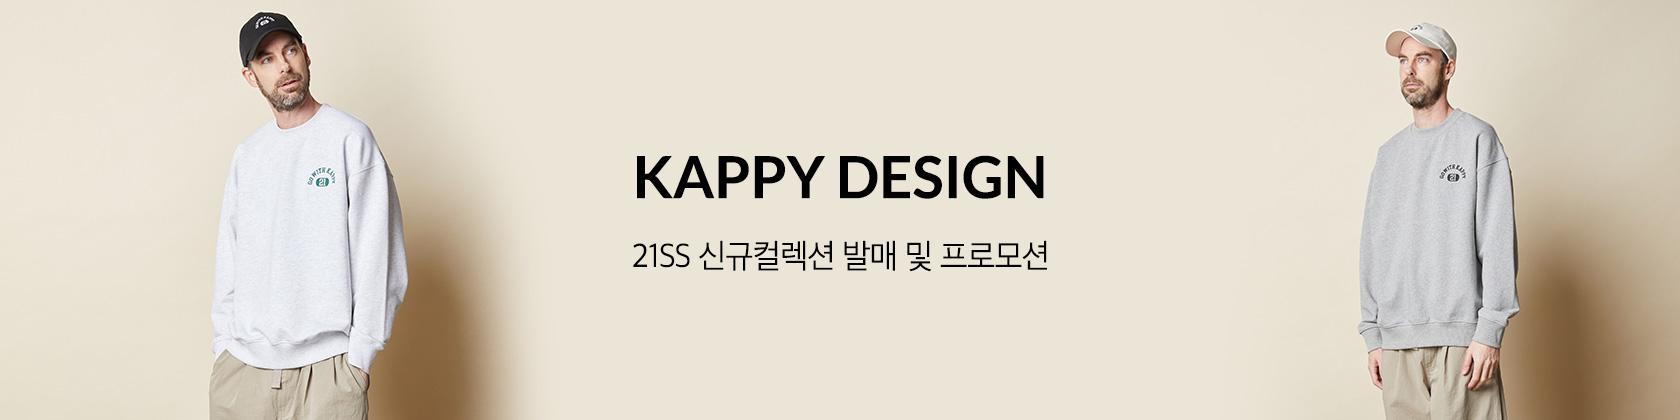 kappy design